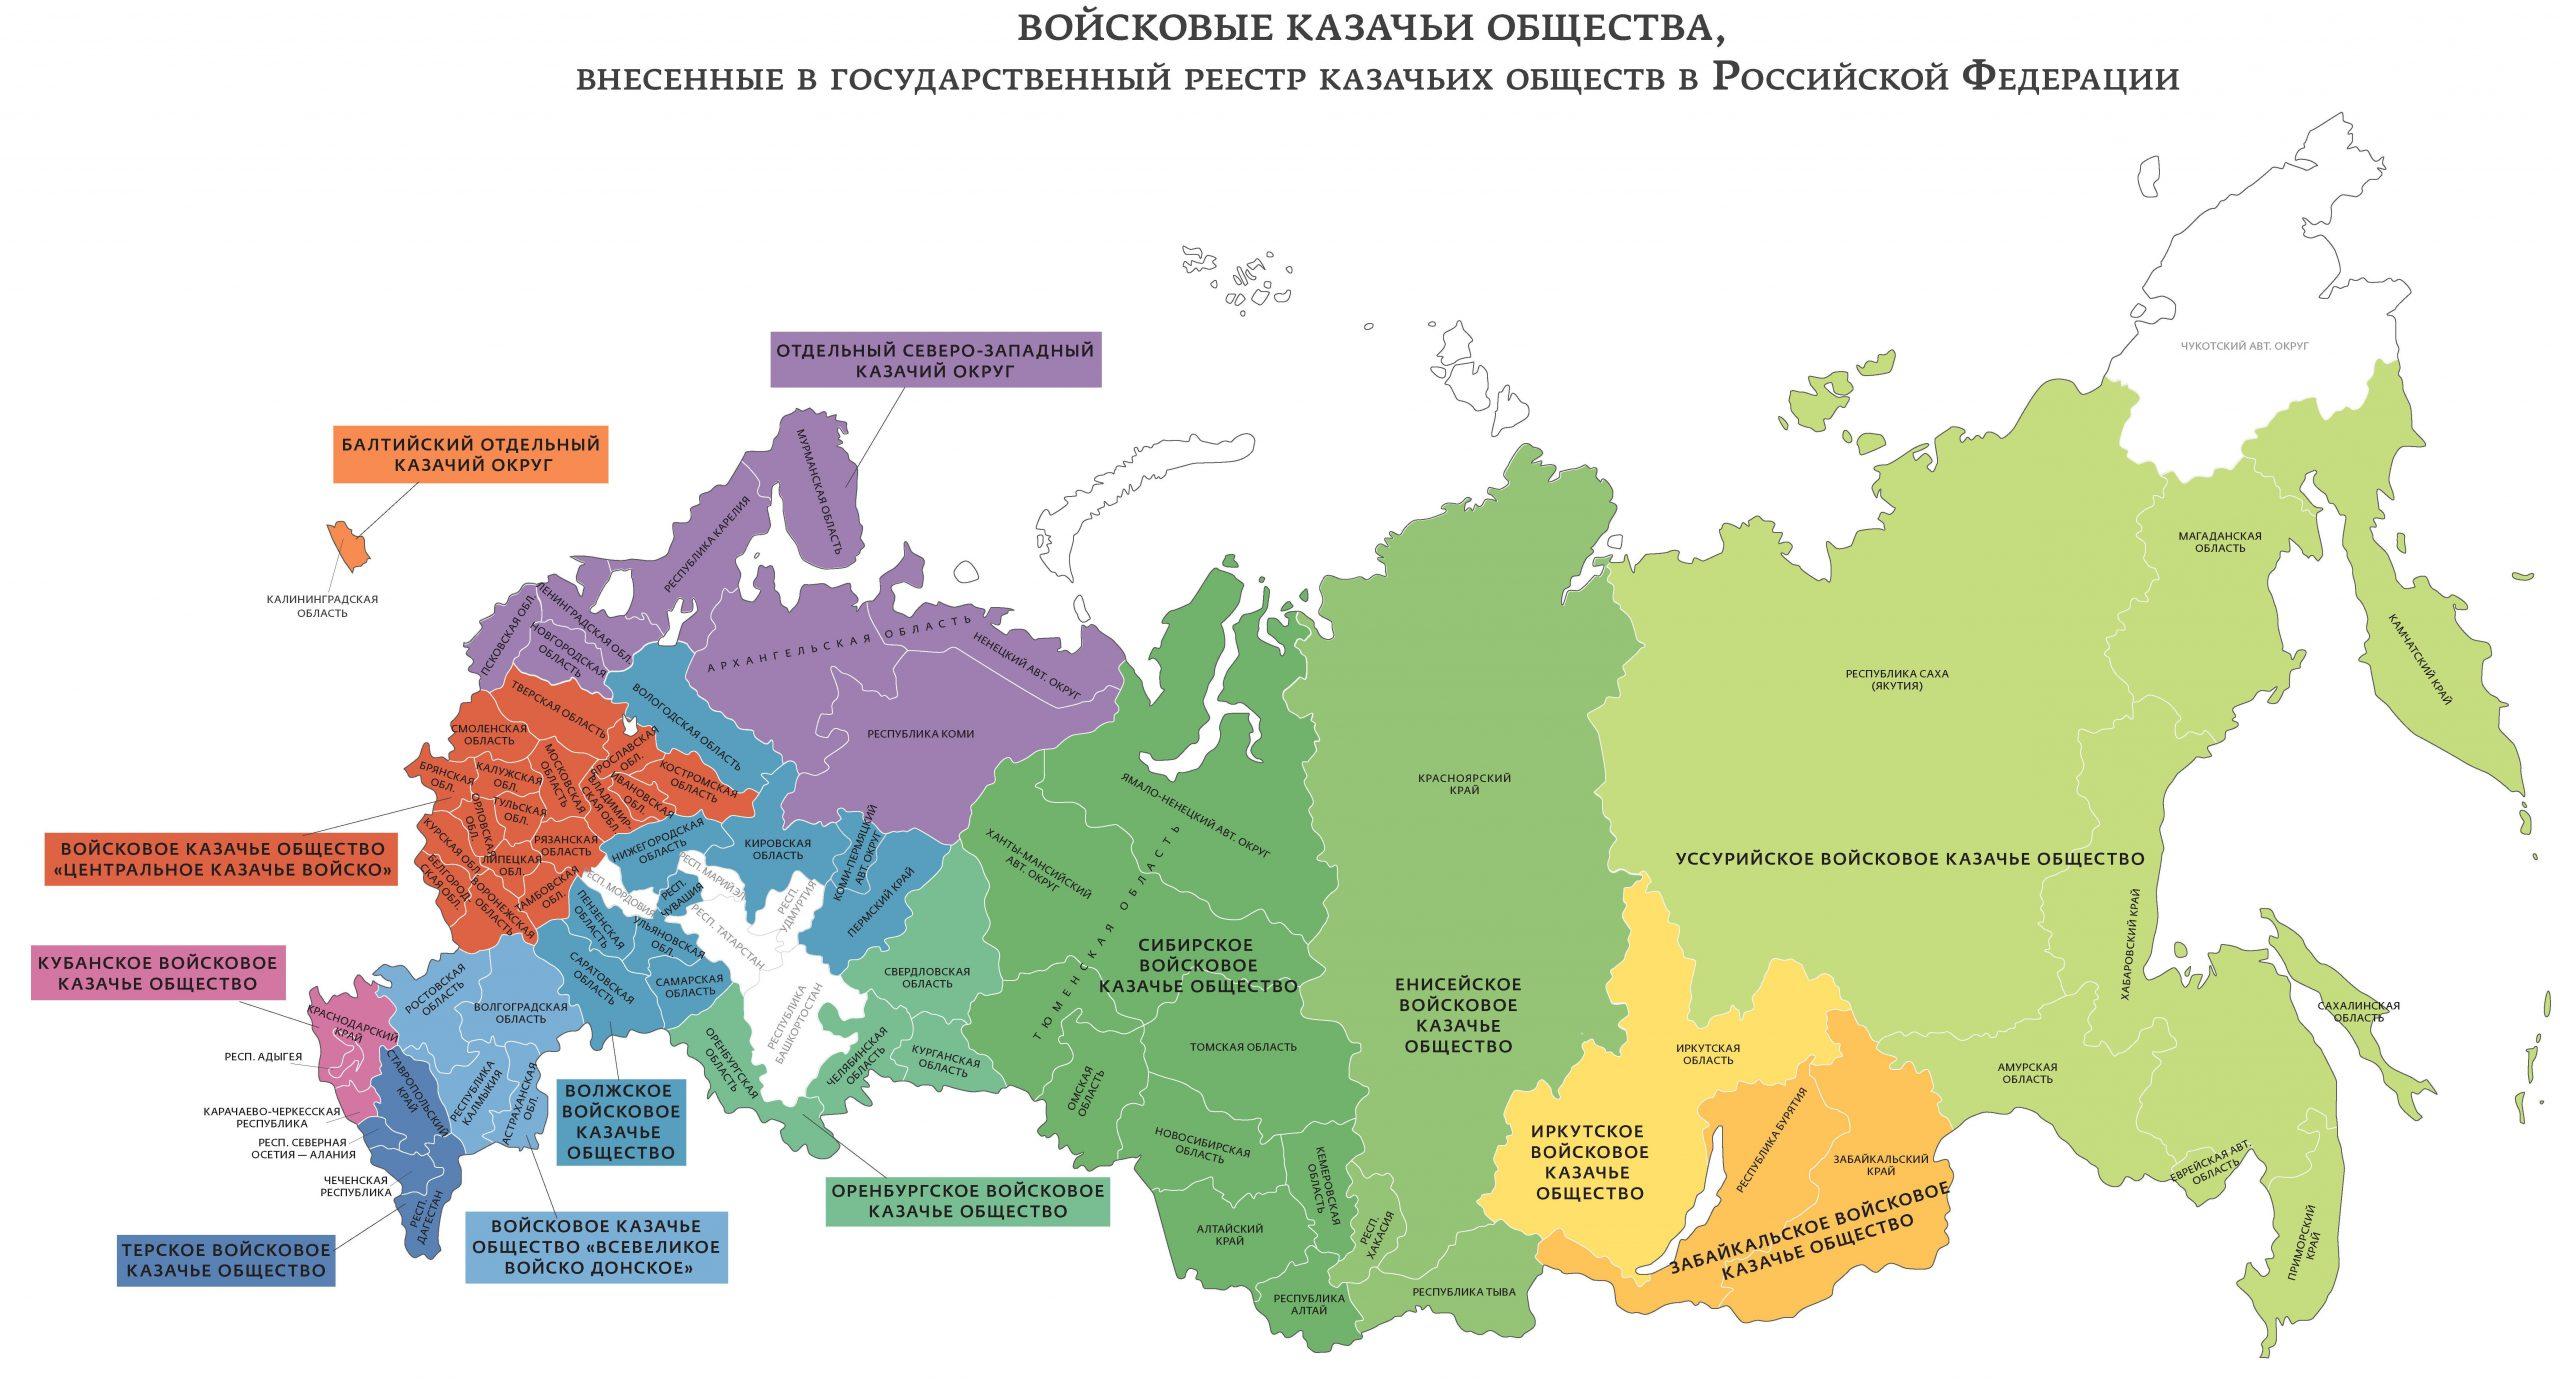 Карта казачьих войск России